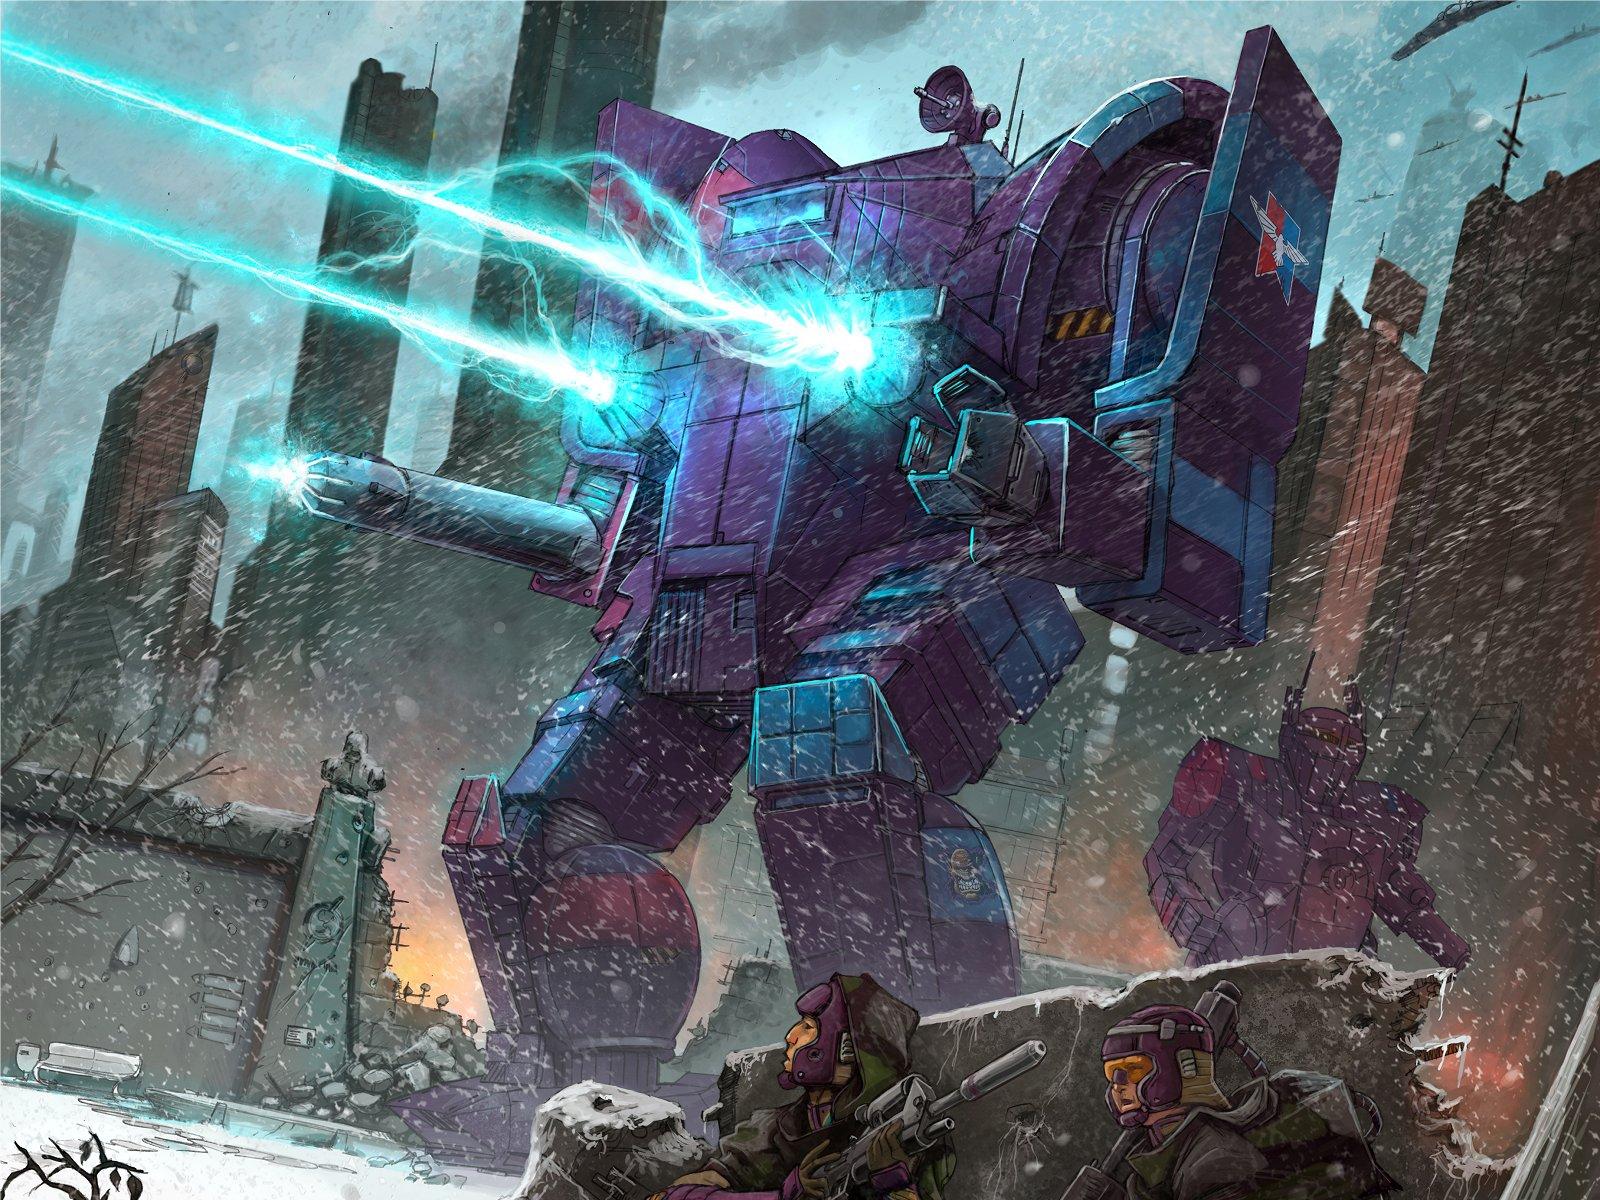 Вселенная BattleTech или когда война запрестол диктует свои правила игры